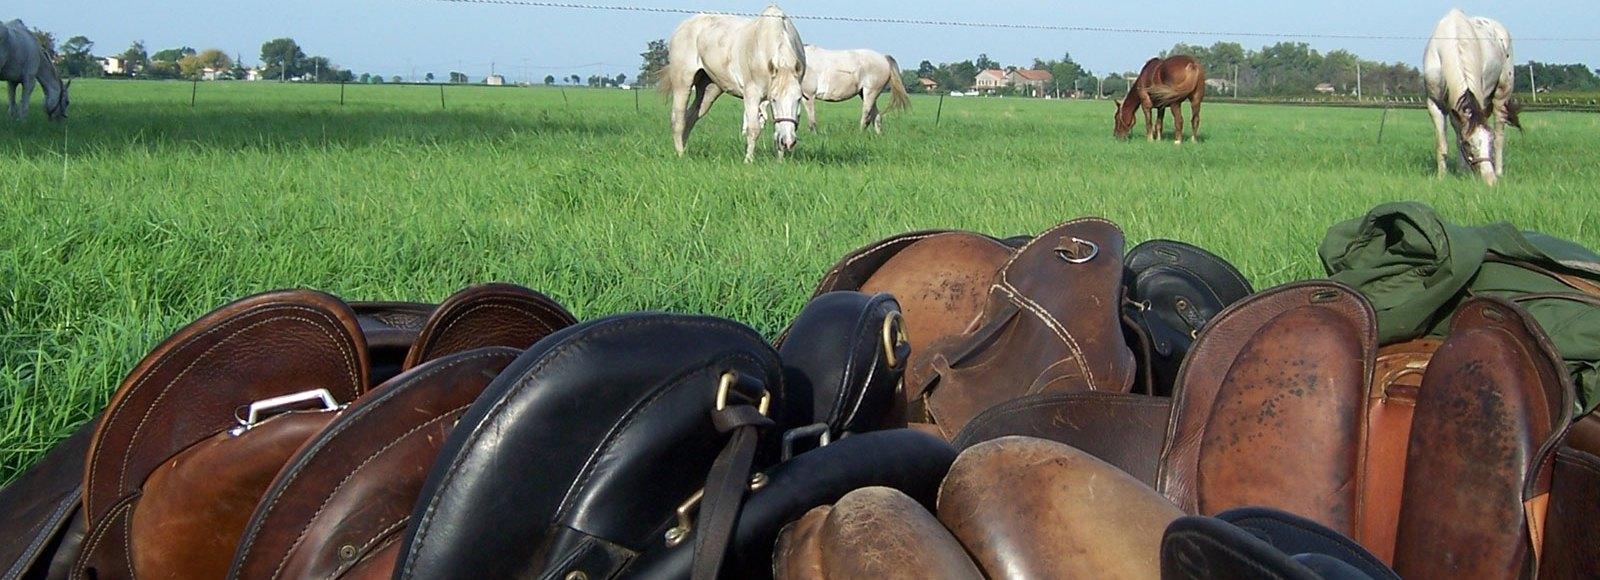 randonnée cheval canada maroc islande argentine